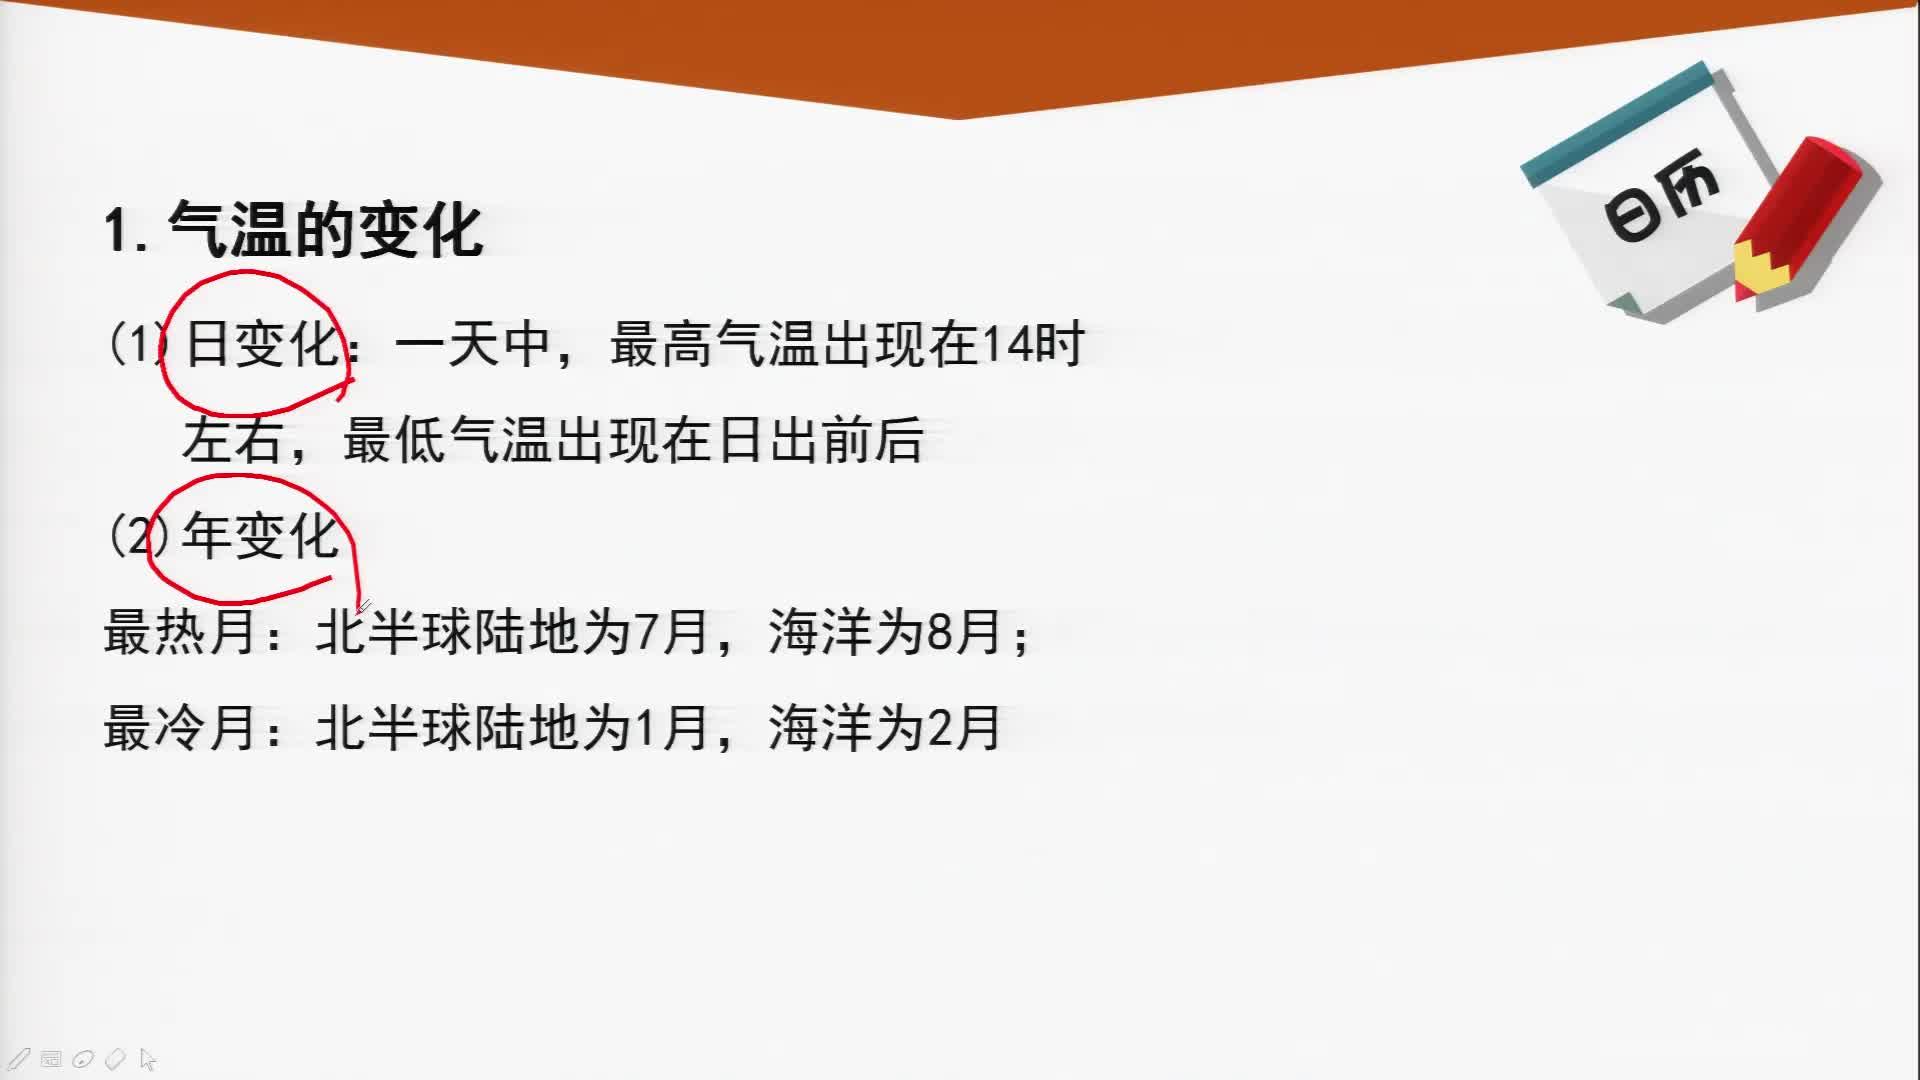 人教版 高中地理 必修一 气温的变化规律及影响因素(孙晓丽)-视频微课堂